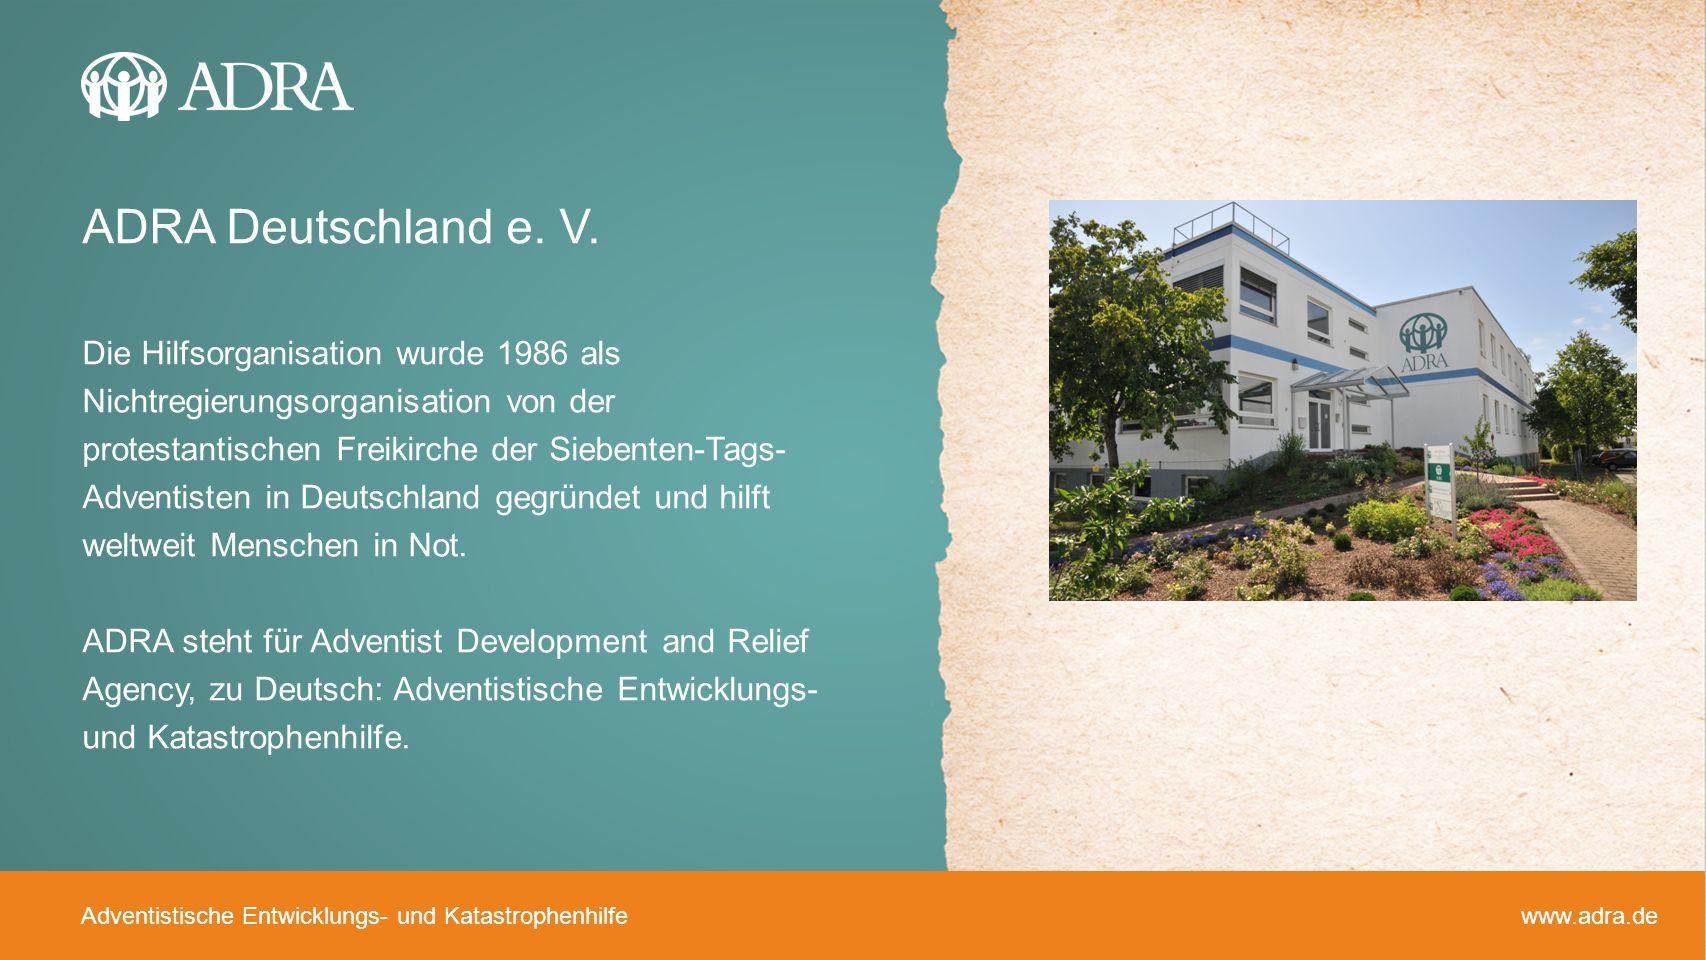 Adventistische Entwicklungs- und Katastrophenhilfe www.adra.de ADRA weltweit ADRA Deutschland ist Teil eines weltweiten Netzwerks.